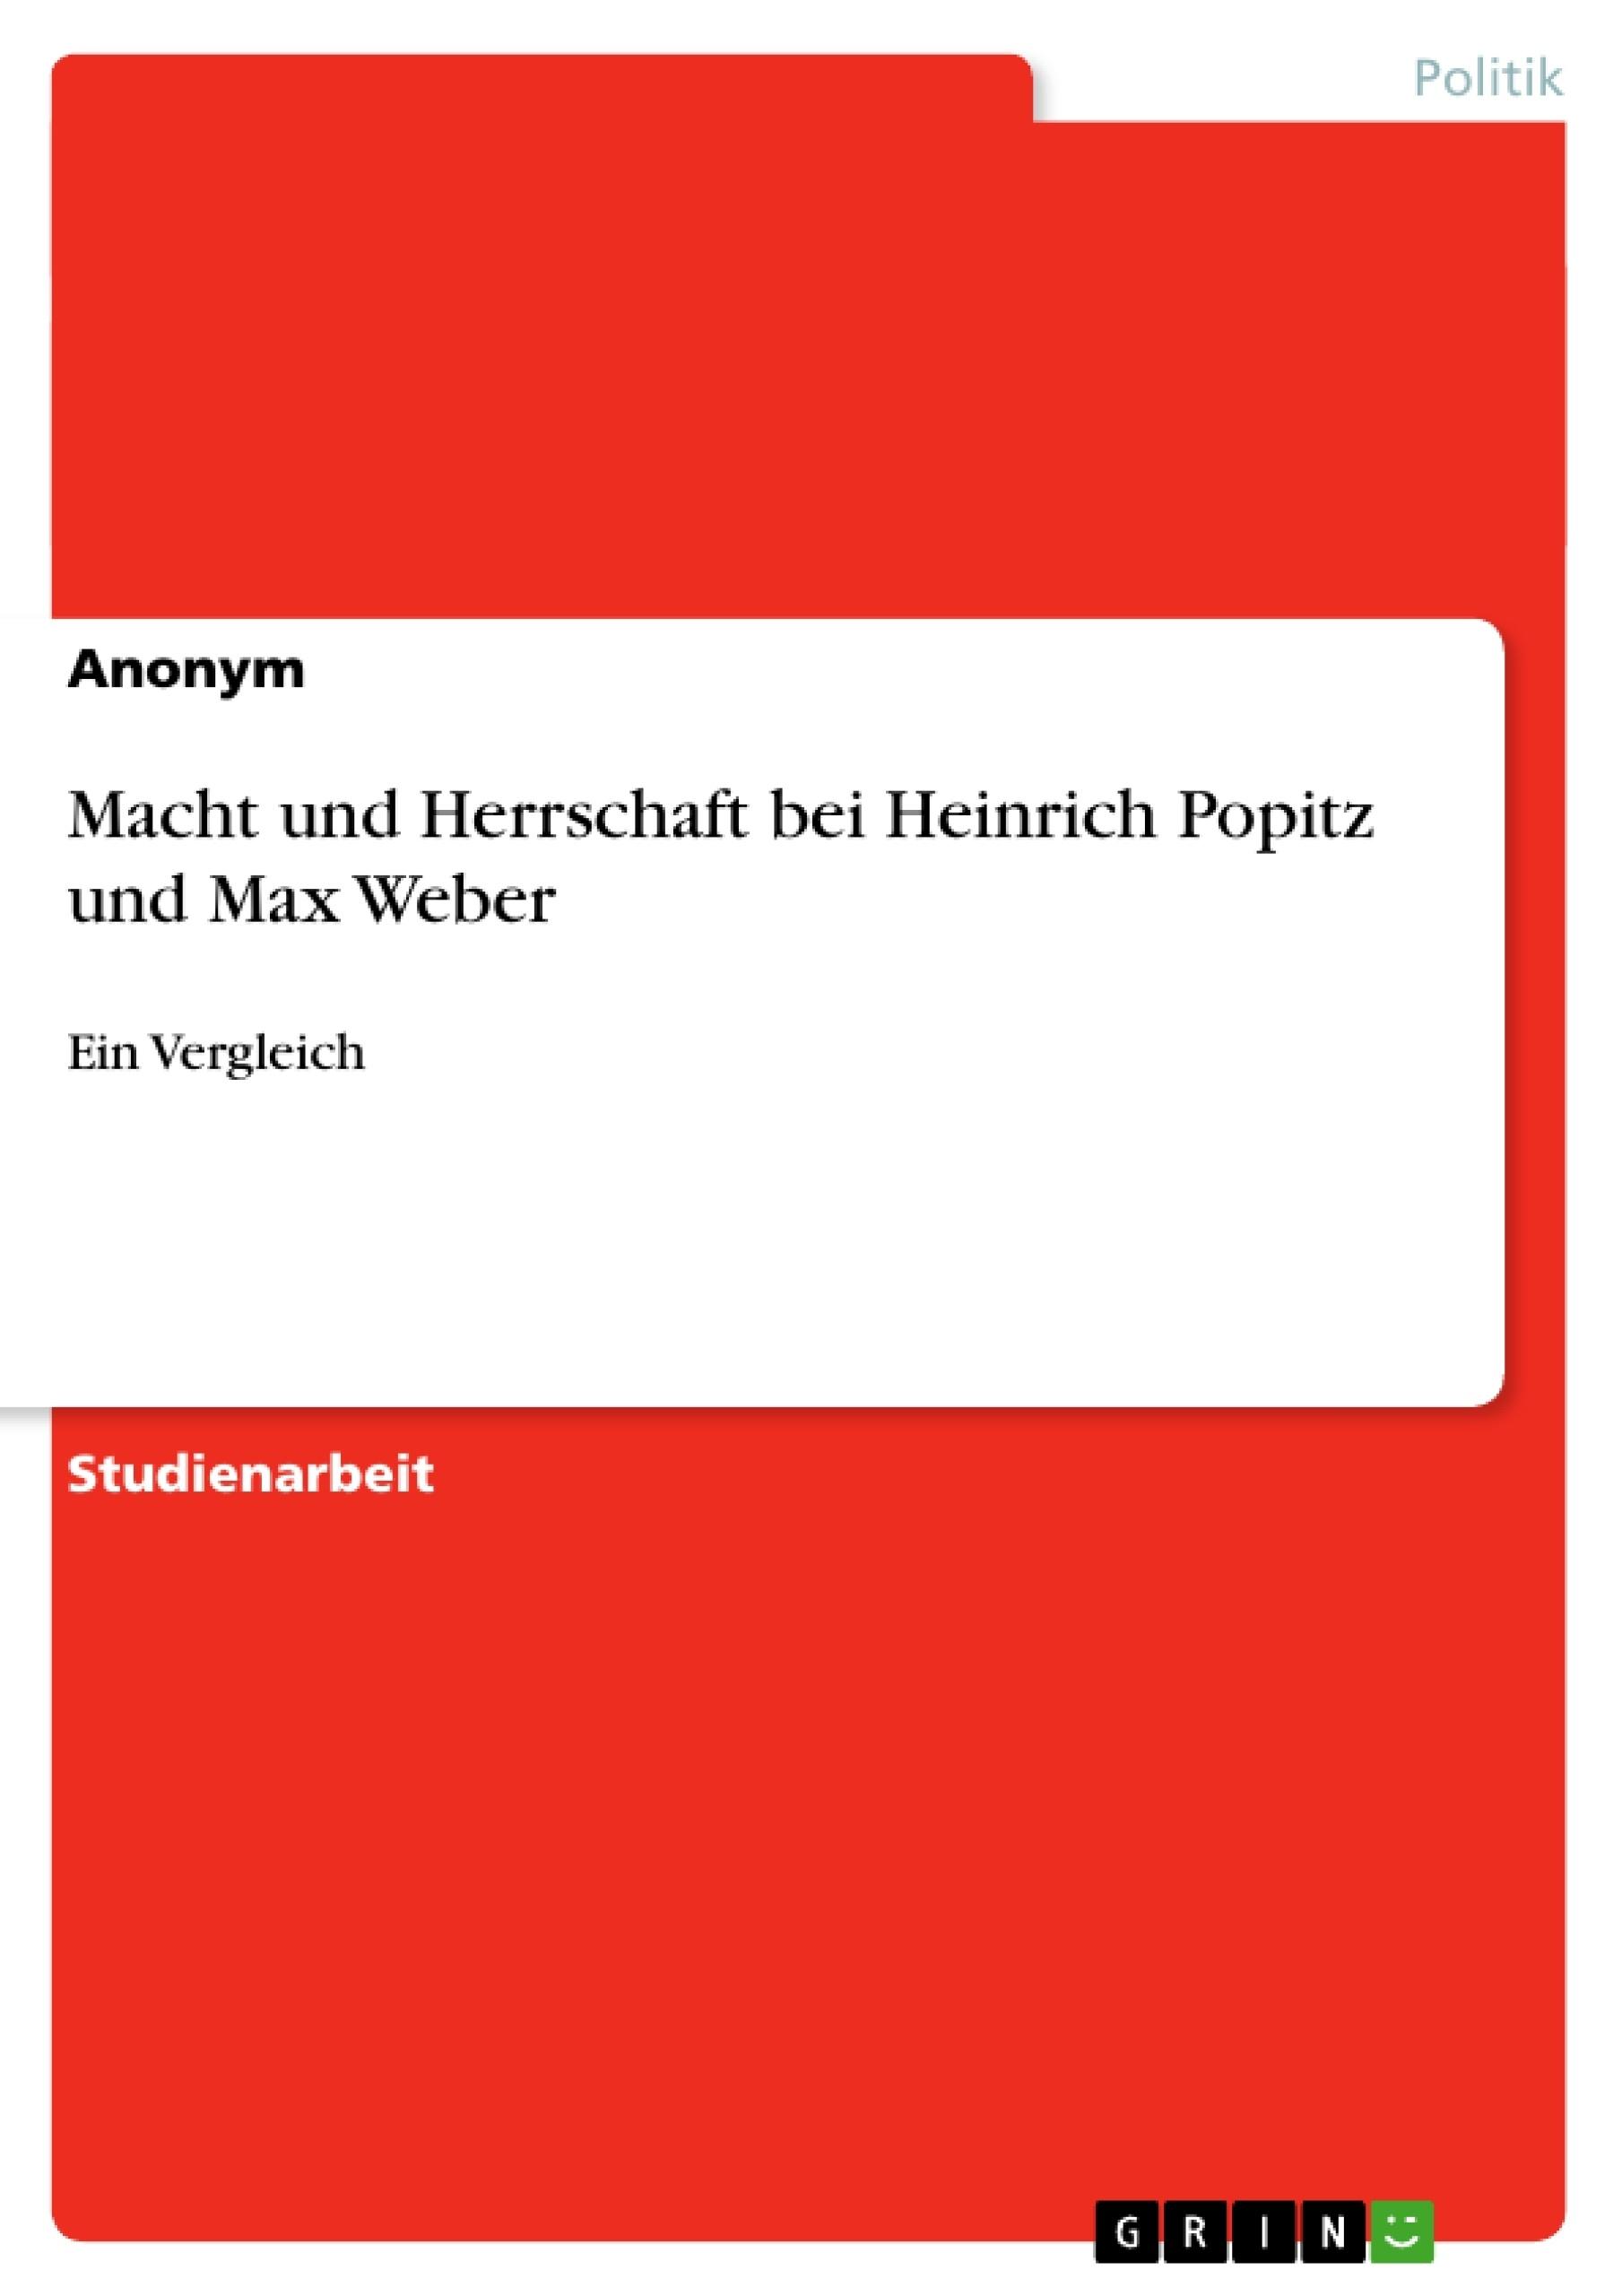 Titel: Macht und Herrschaft bei Heinrich Popitz und Max Weber